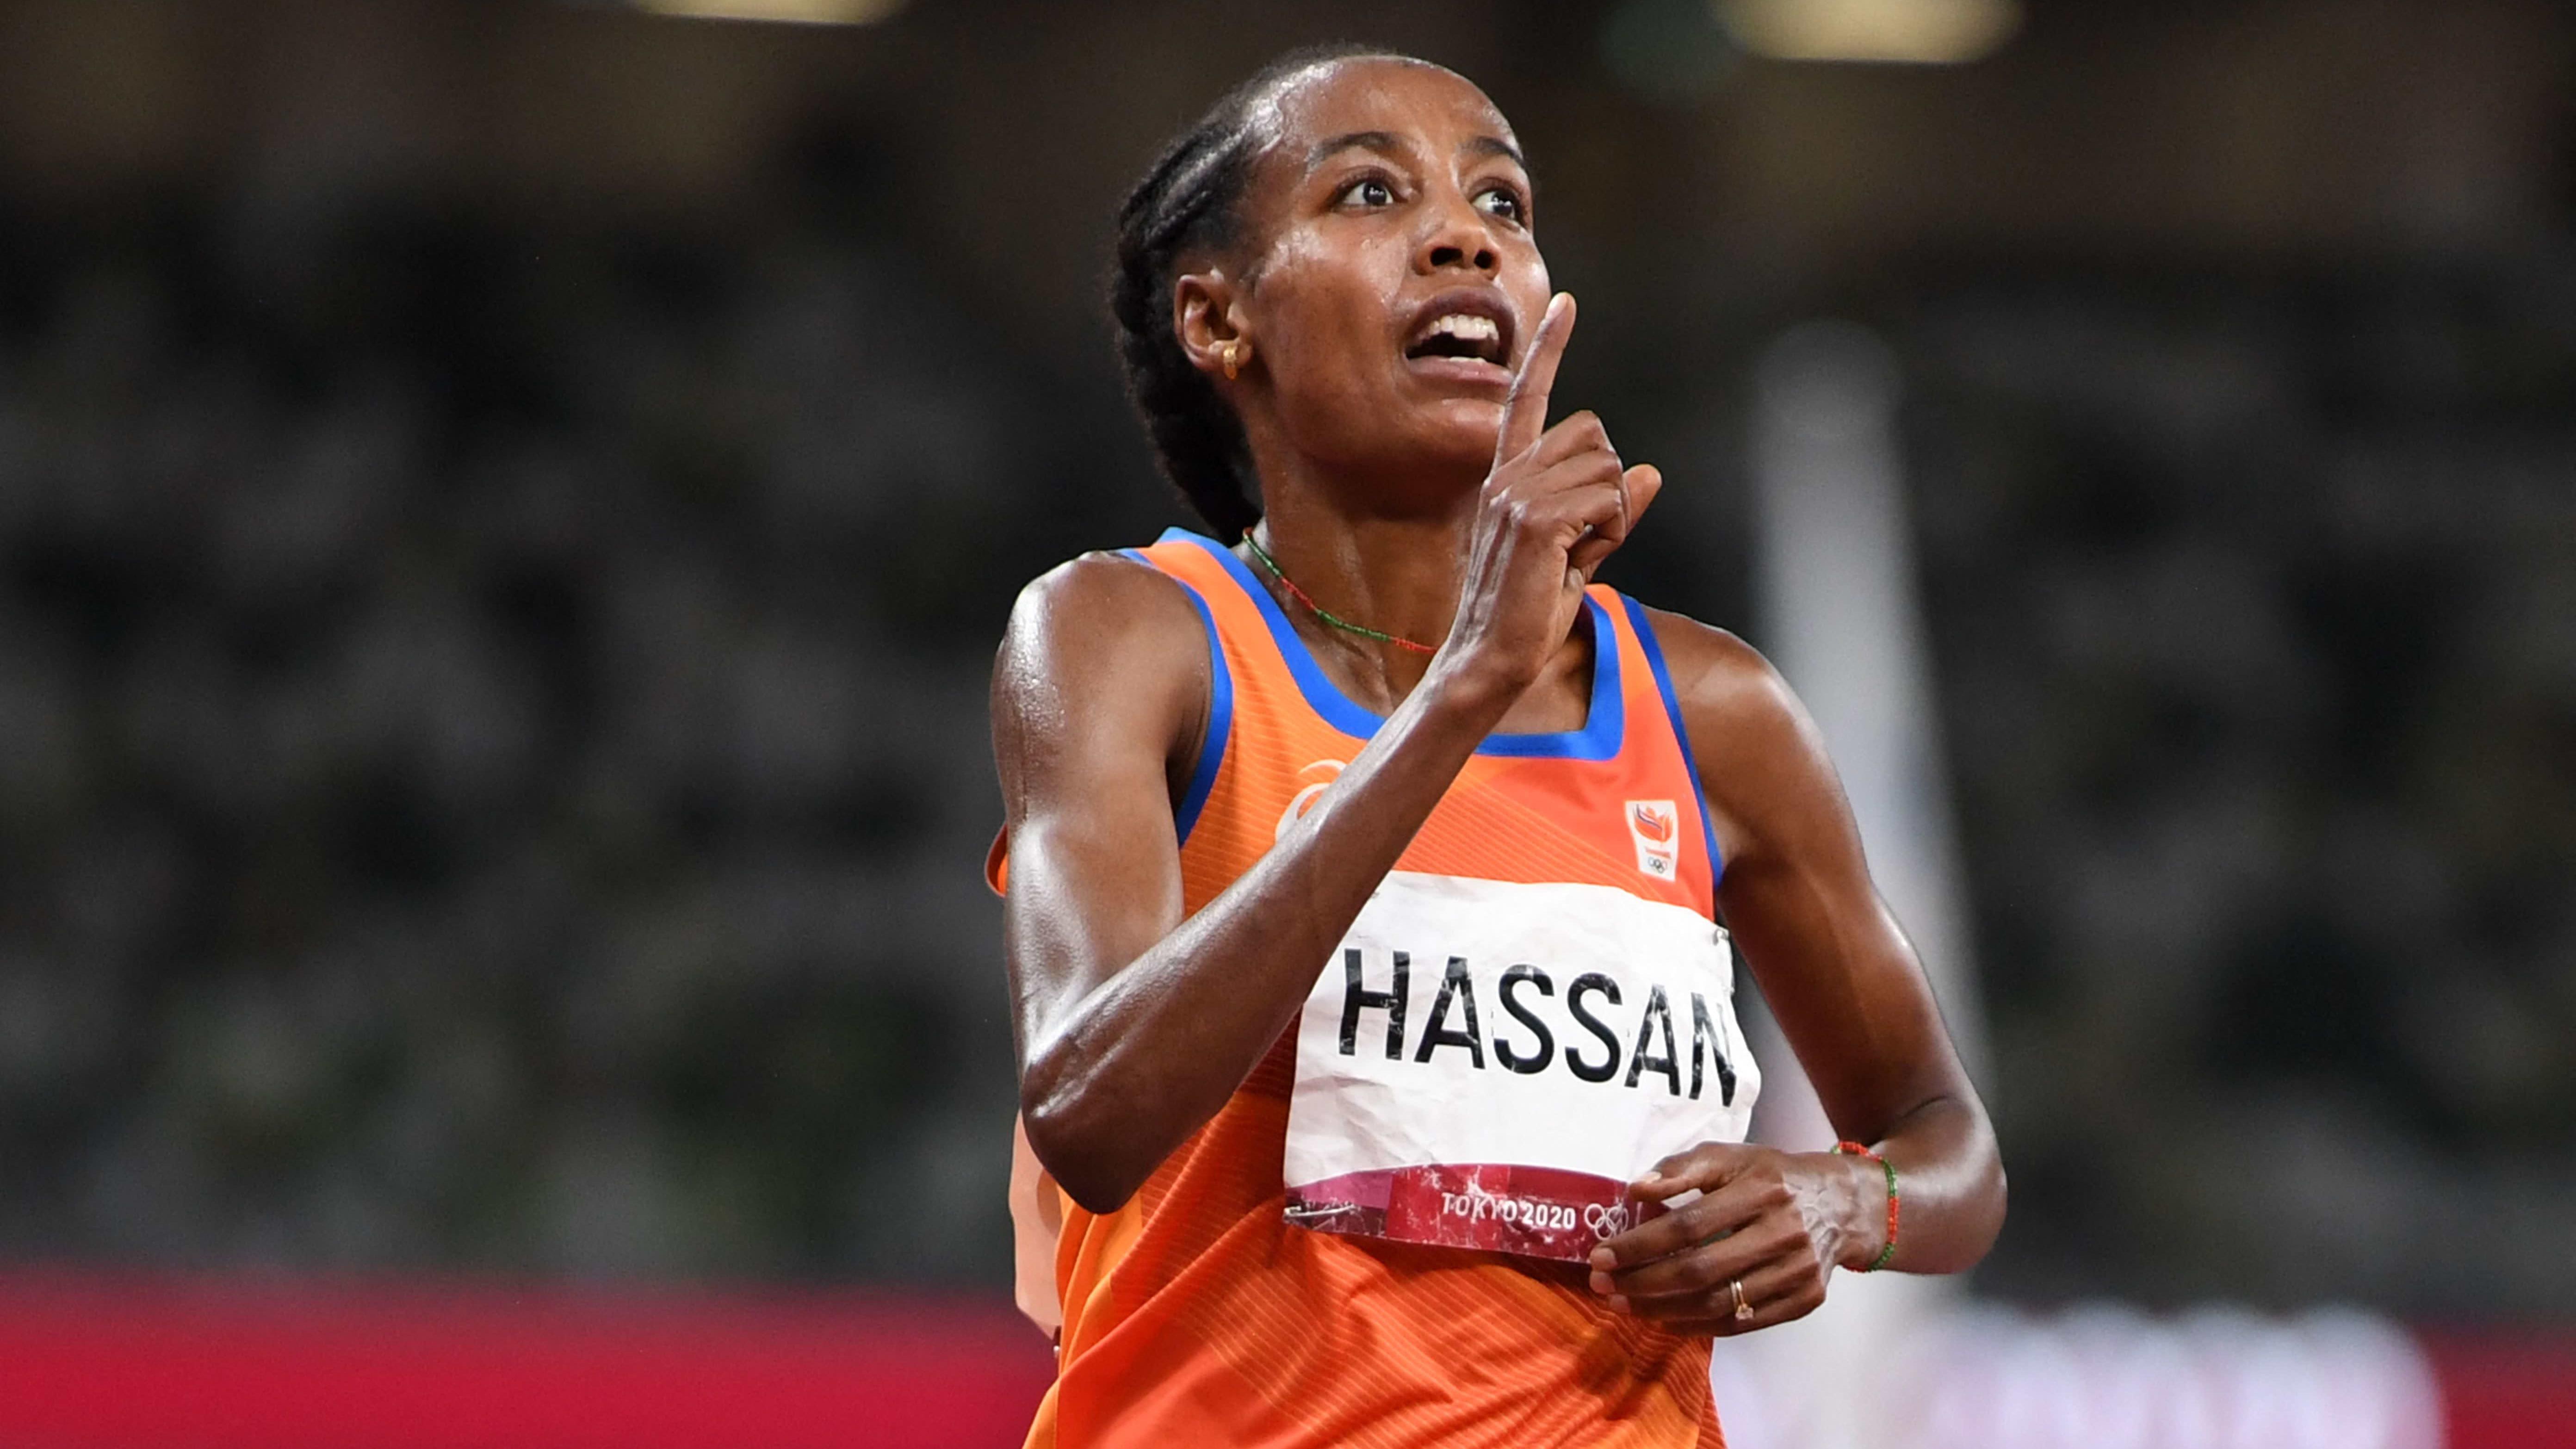 Sifan Hassanille tuplakultaa! Katso kuinka 10 000 metrin mitalit ratkaistiin viimeisellä kierroksella